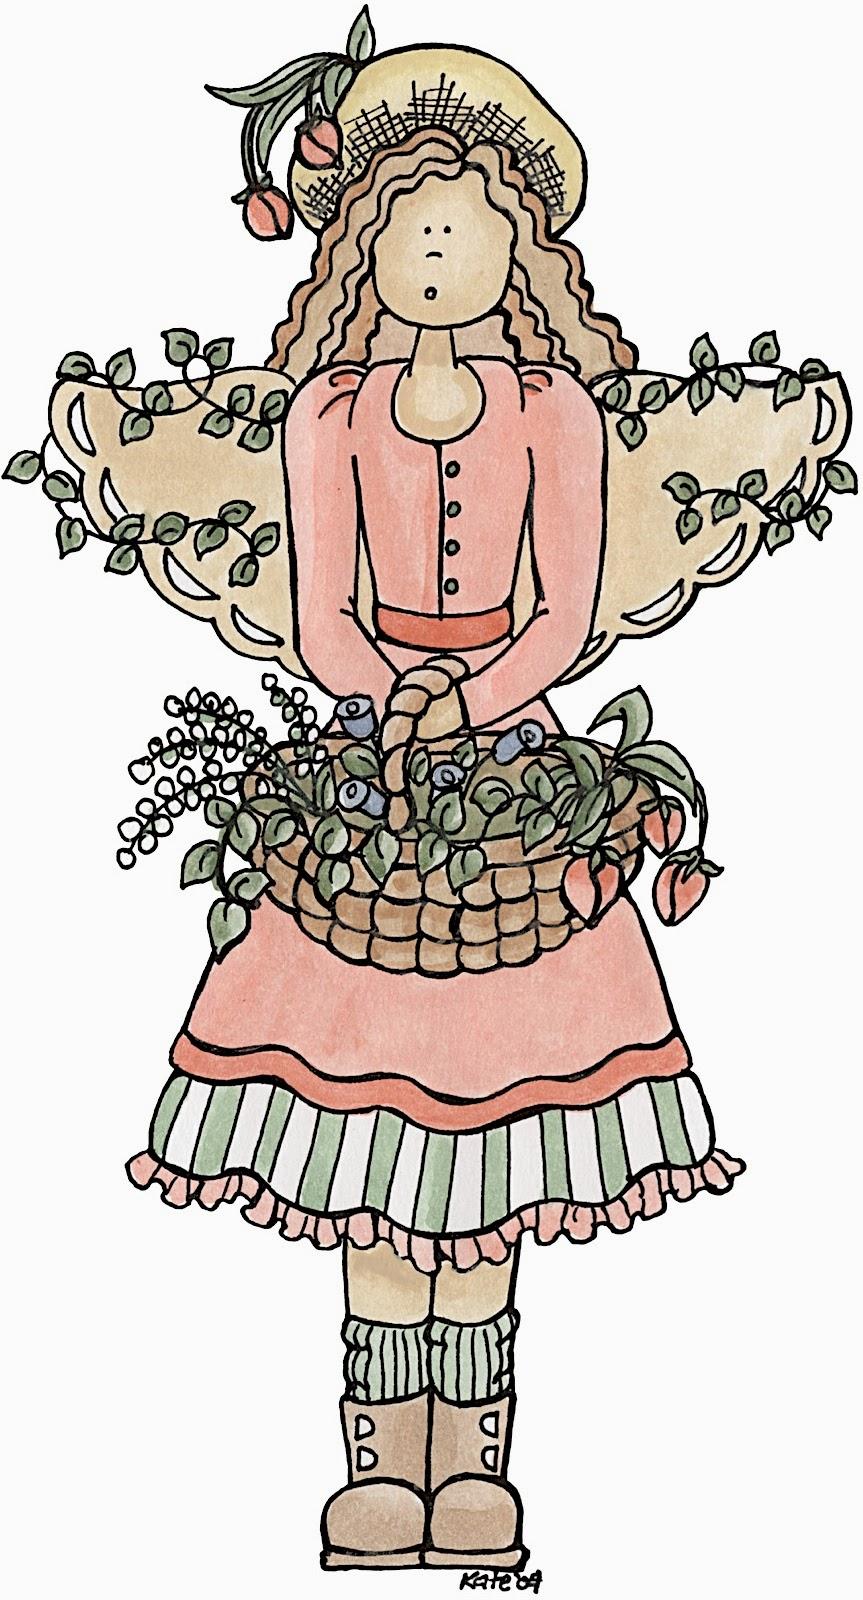 Resultado De Imagen Para Dibujos De Angelitos Bebes - Angeles Caricatura Primera  Comunion - Free Transparent PNG Clipart Images Download